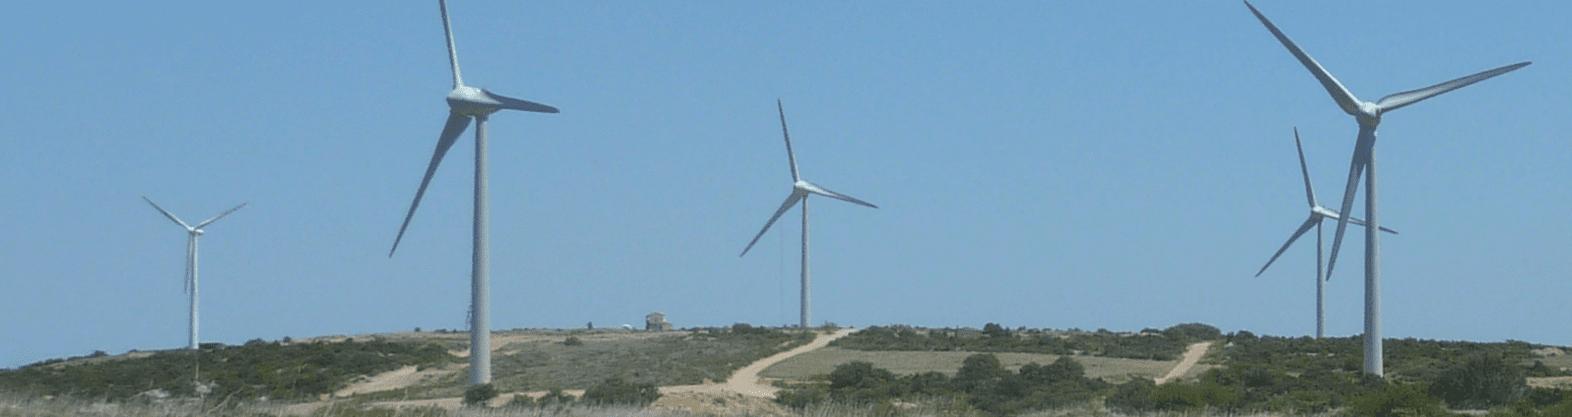 éoliennes parc éolien